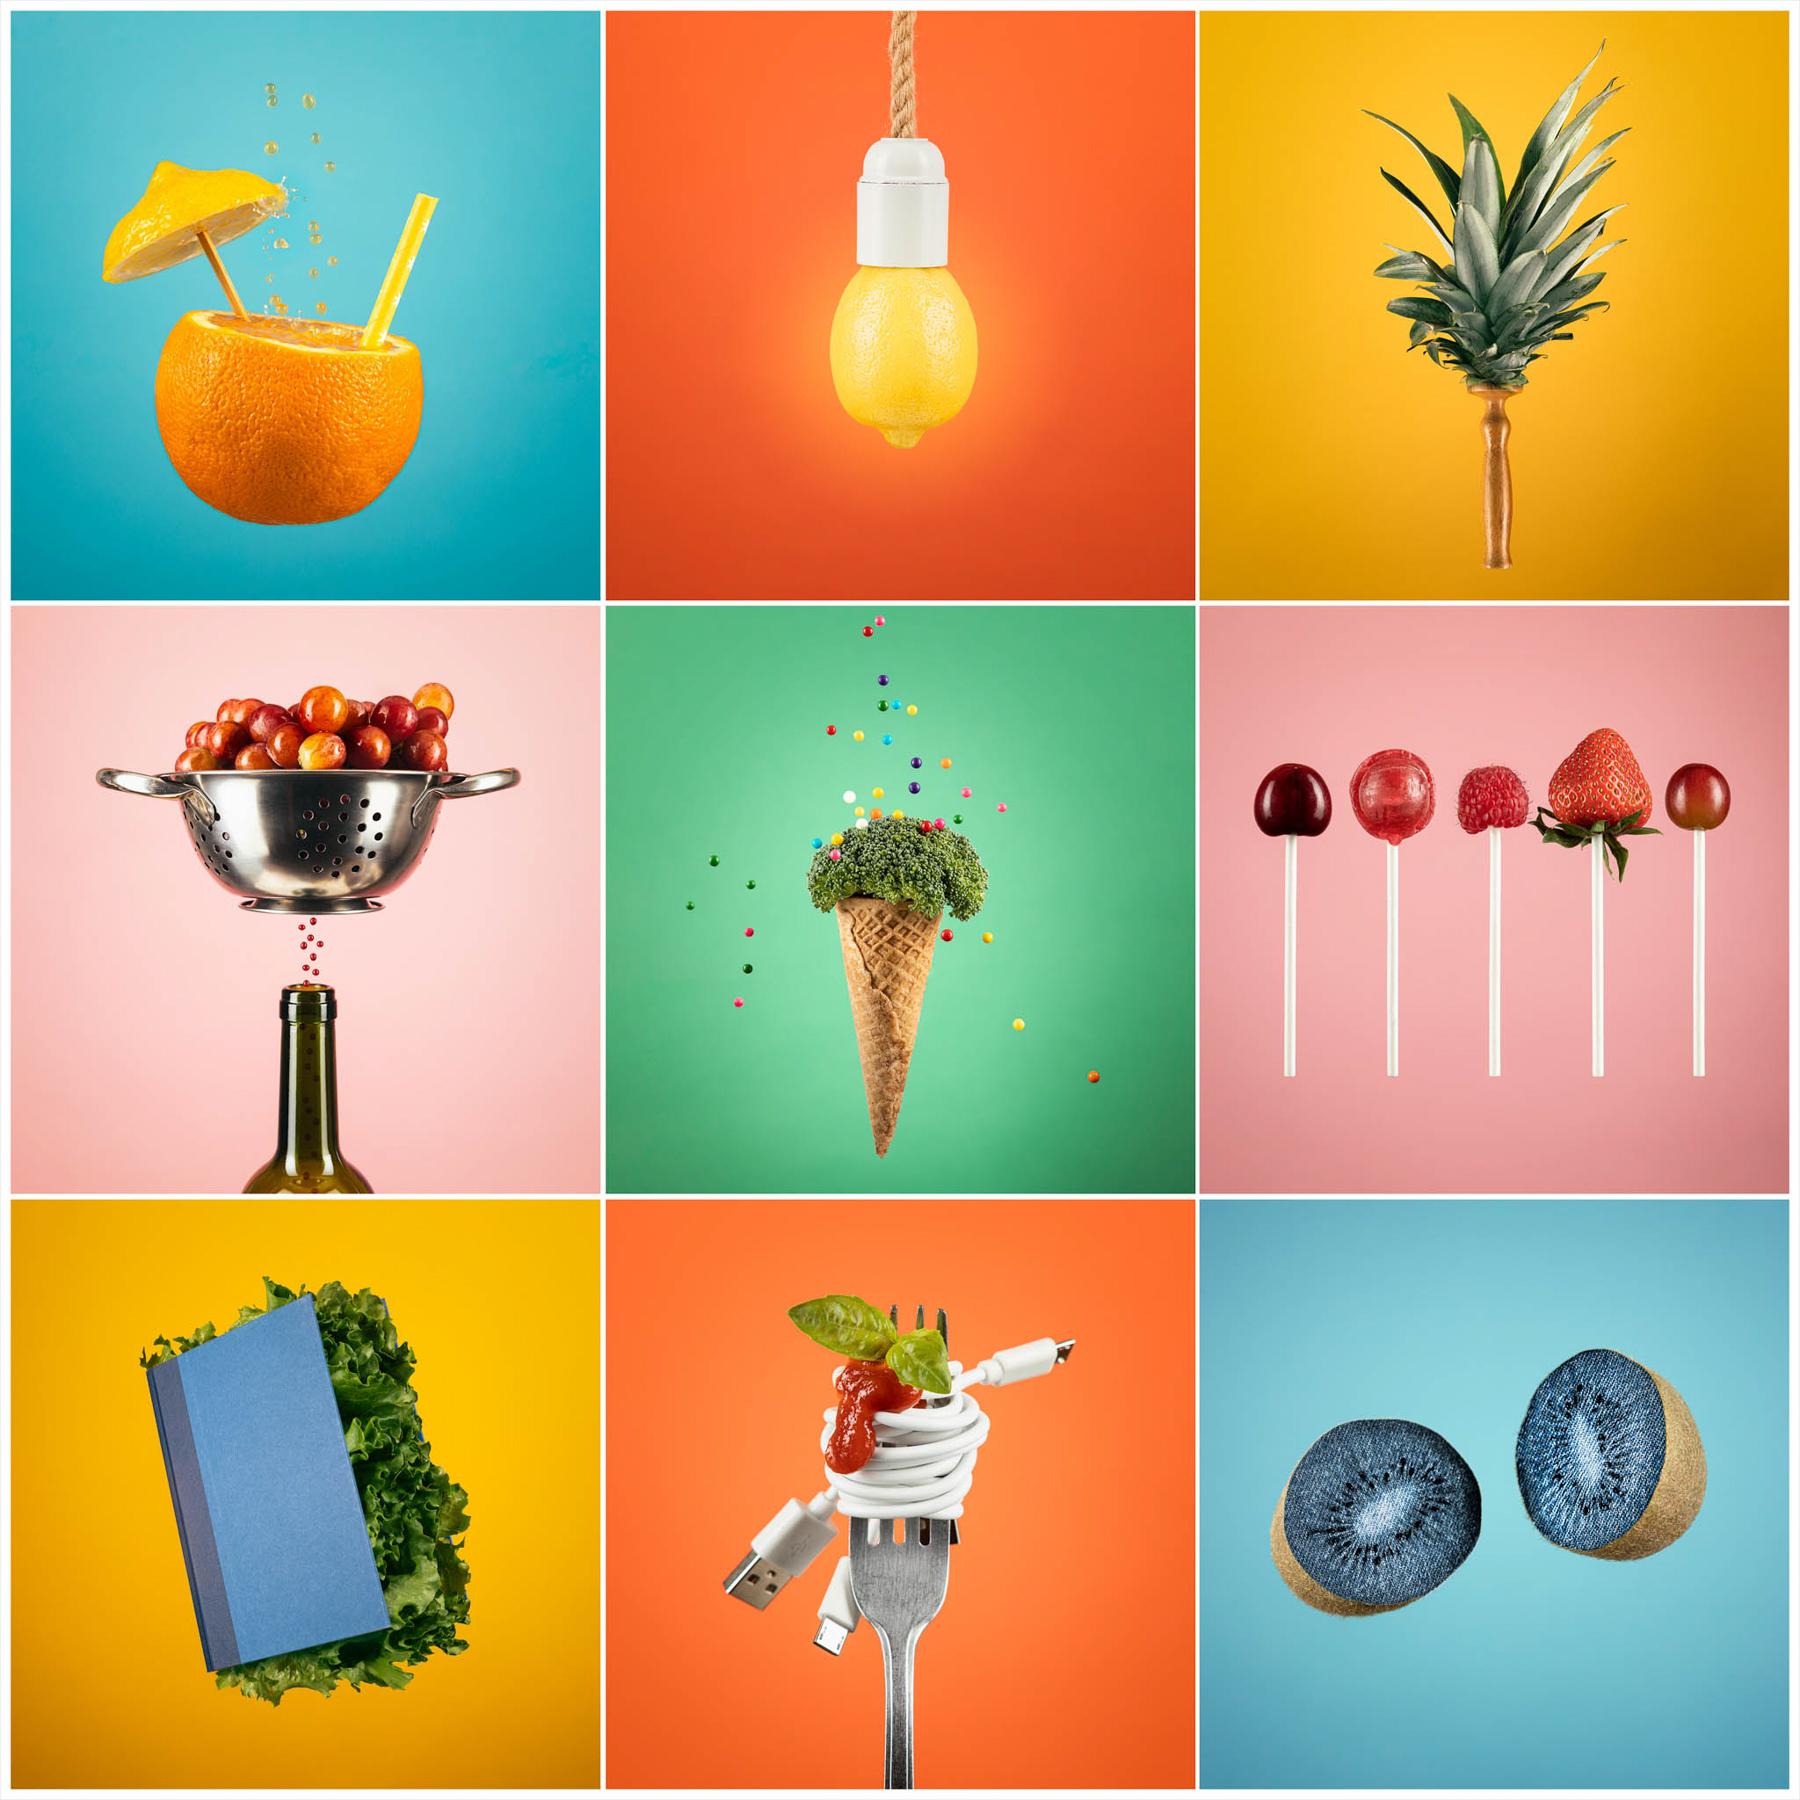 9 image grid representing umbrella, lamp, hairbrush, utensil, broccoli, lollipop, leaf, spaghetti and denim. Round 32 winner of Photography Scavenger Hunt, Yvette van Teeffelen